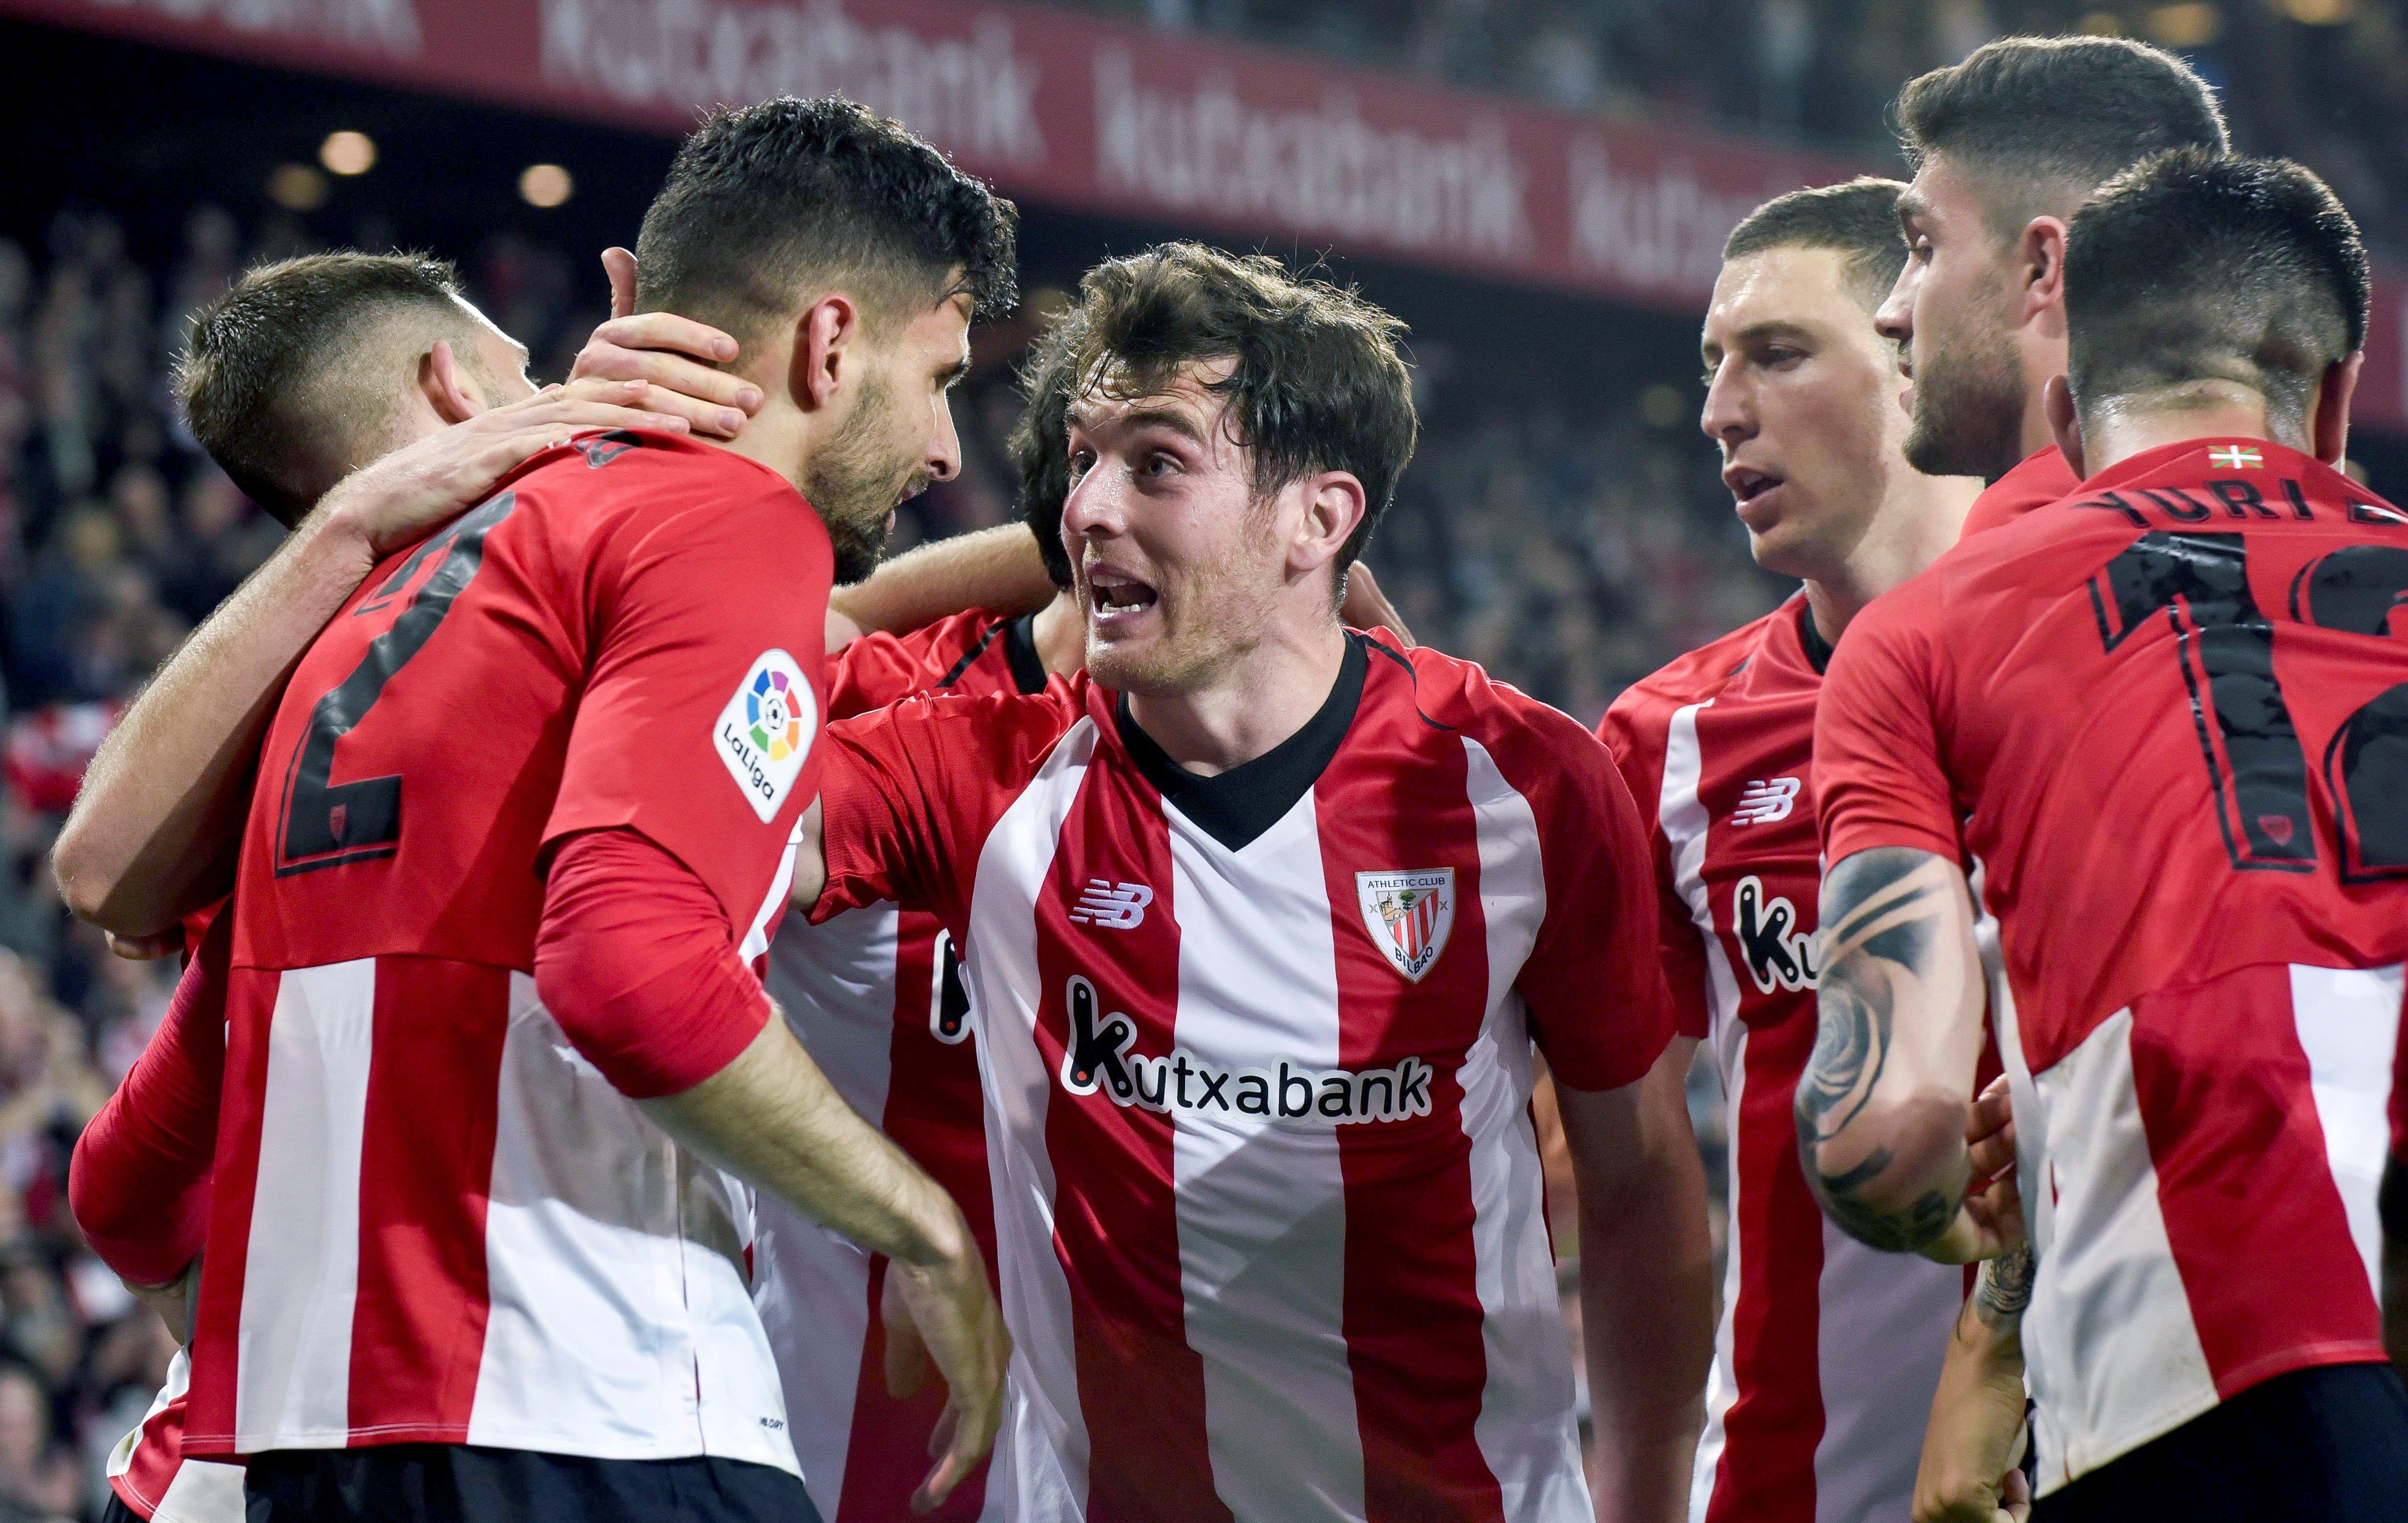 Los jugadores del Athletic de Bilbao festejan después de haber marcado el segundo gol contra el Atético de Madrid. (Foto Prensa Libre: EFE).